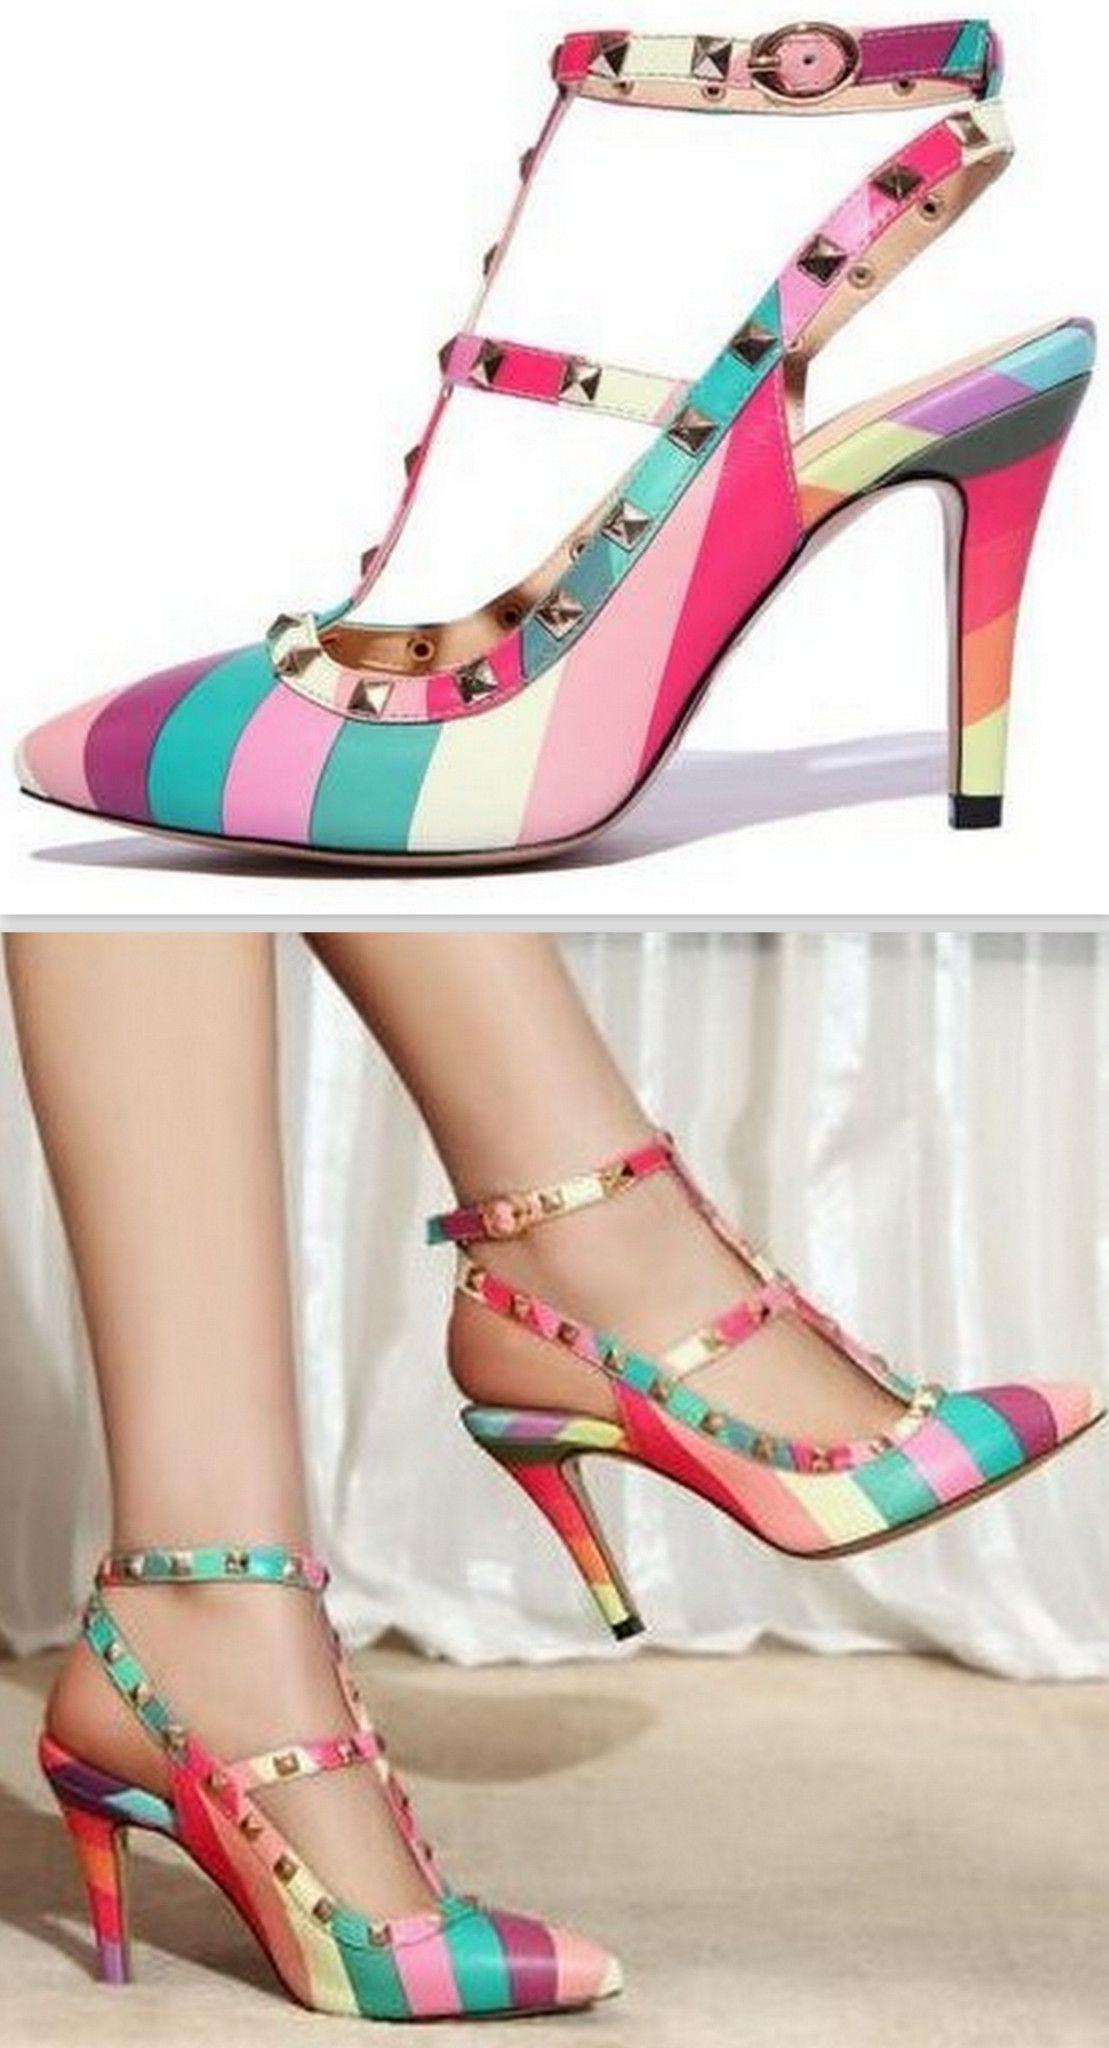 76c53f315c39 Rainbow Rockstud Slingback Leather Sandals